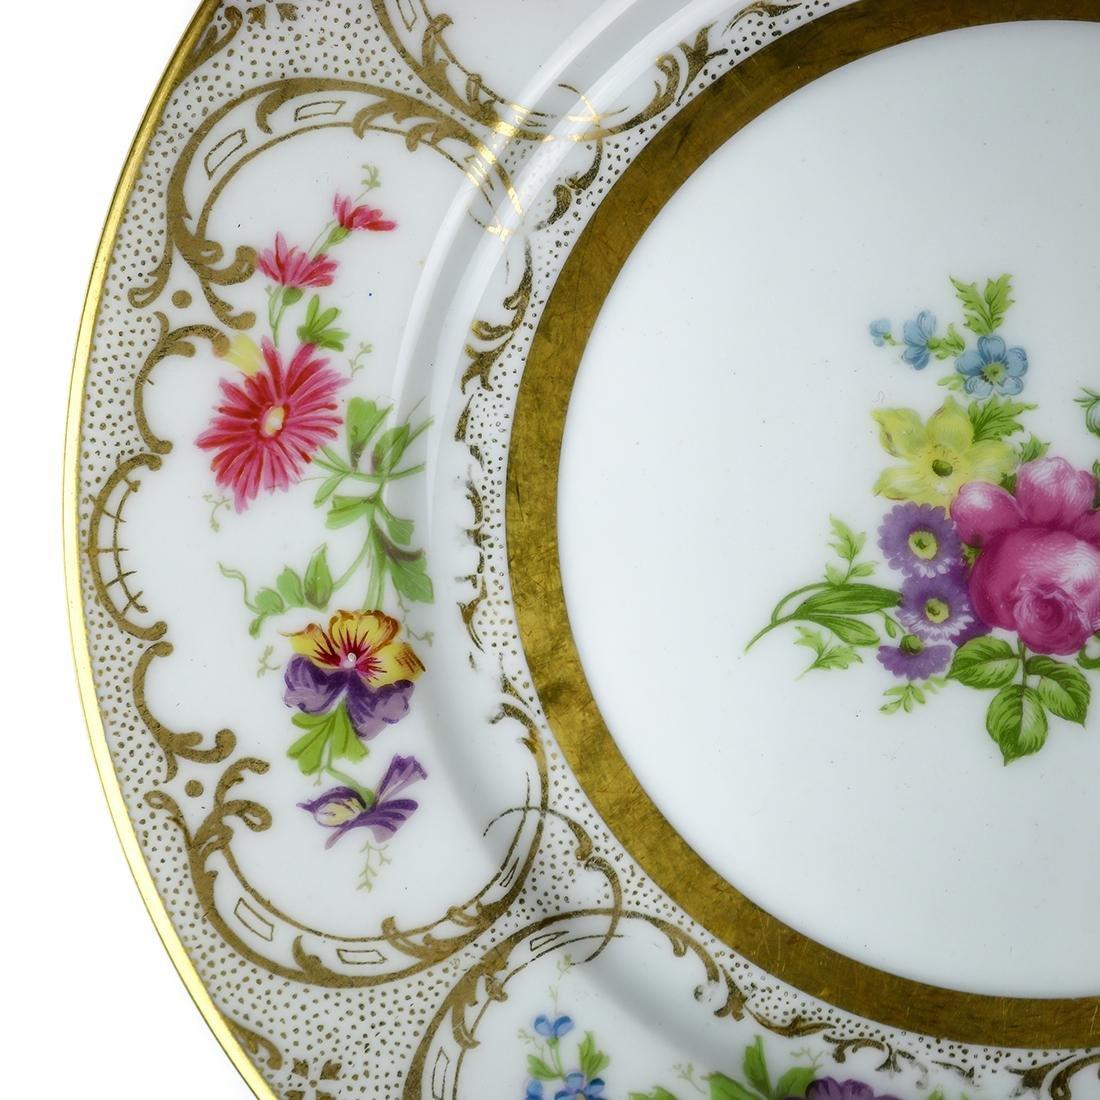 Limoges porcelain dessert plates